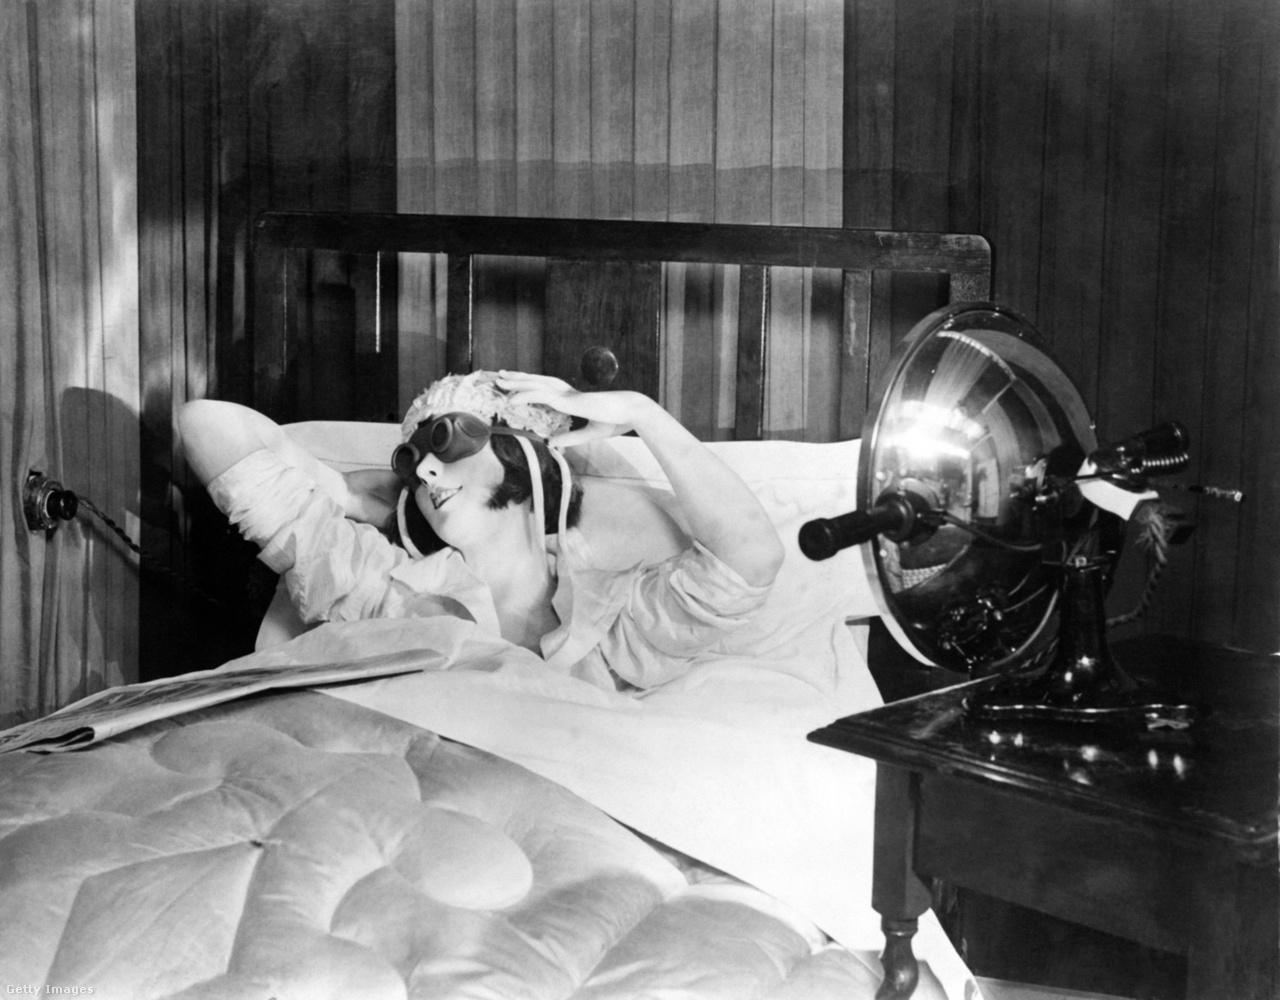 Otthoni barnítólámpa az 1920-as évekből. A napsugárzással vetekedő erősségű fény ellen védőszemüveg viselése volt javallt.